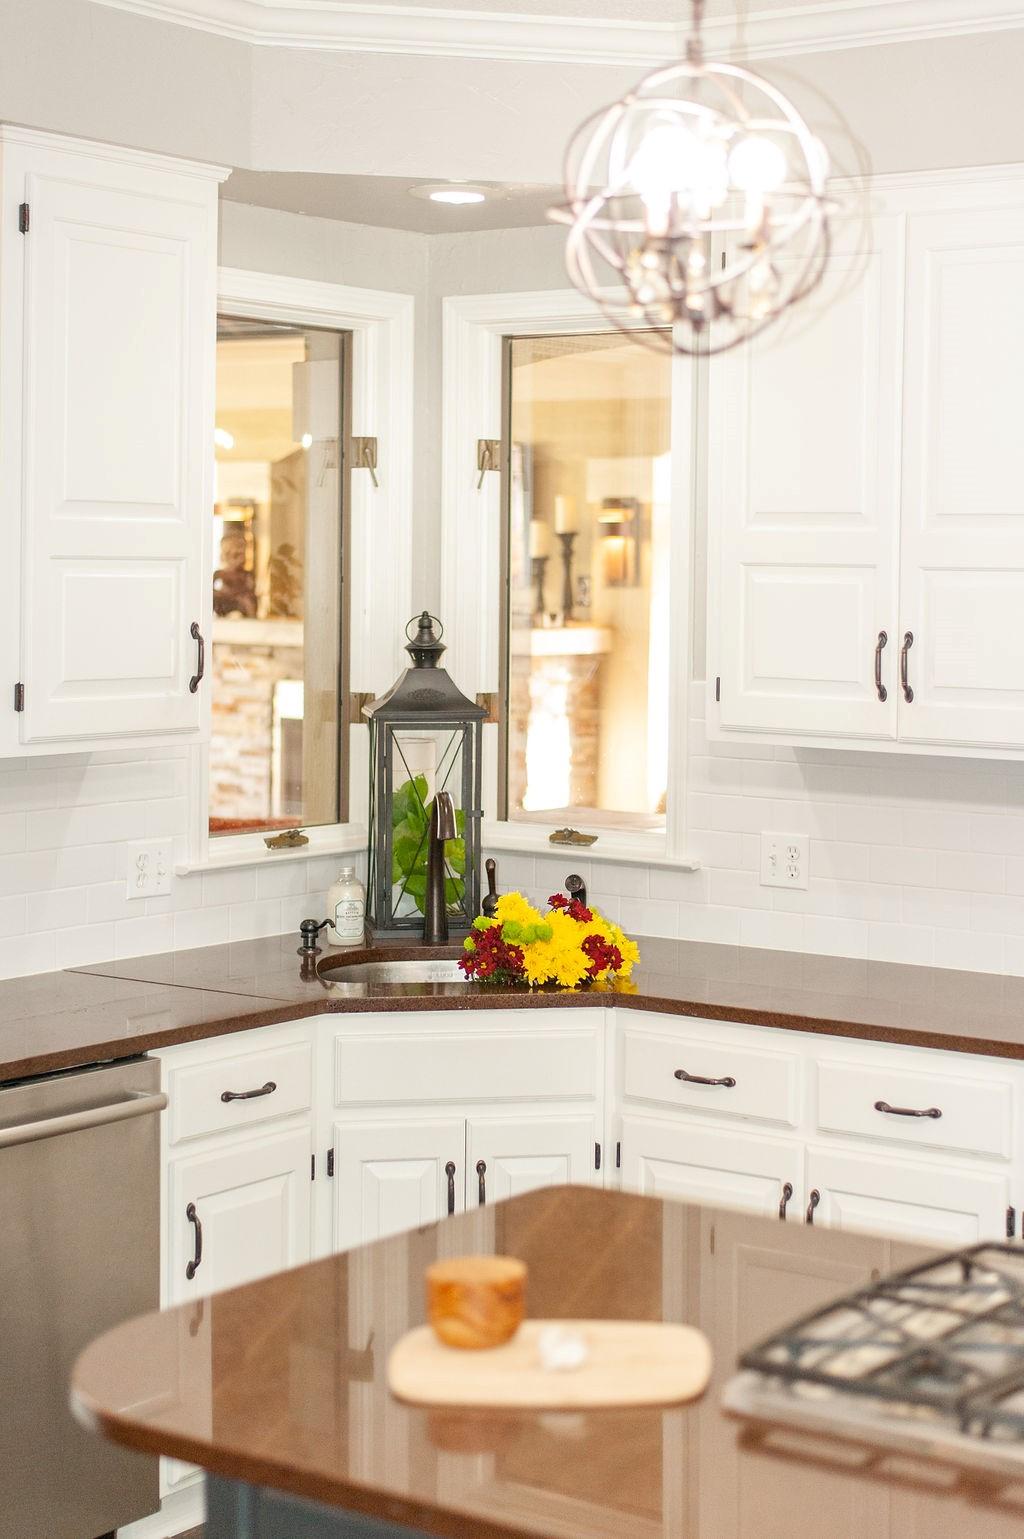 Blank-Canvas-Interior-Design-in-kansas-city-Kitchen-sink.jpg